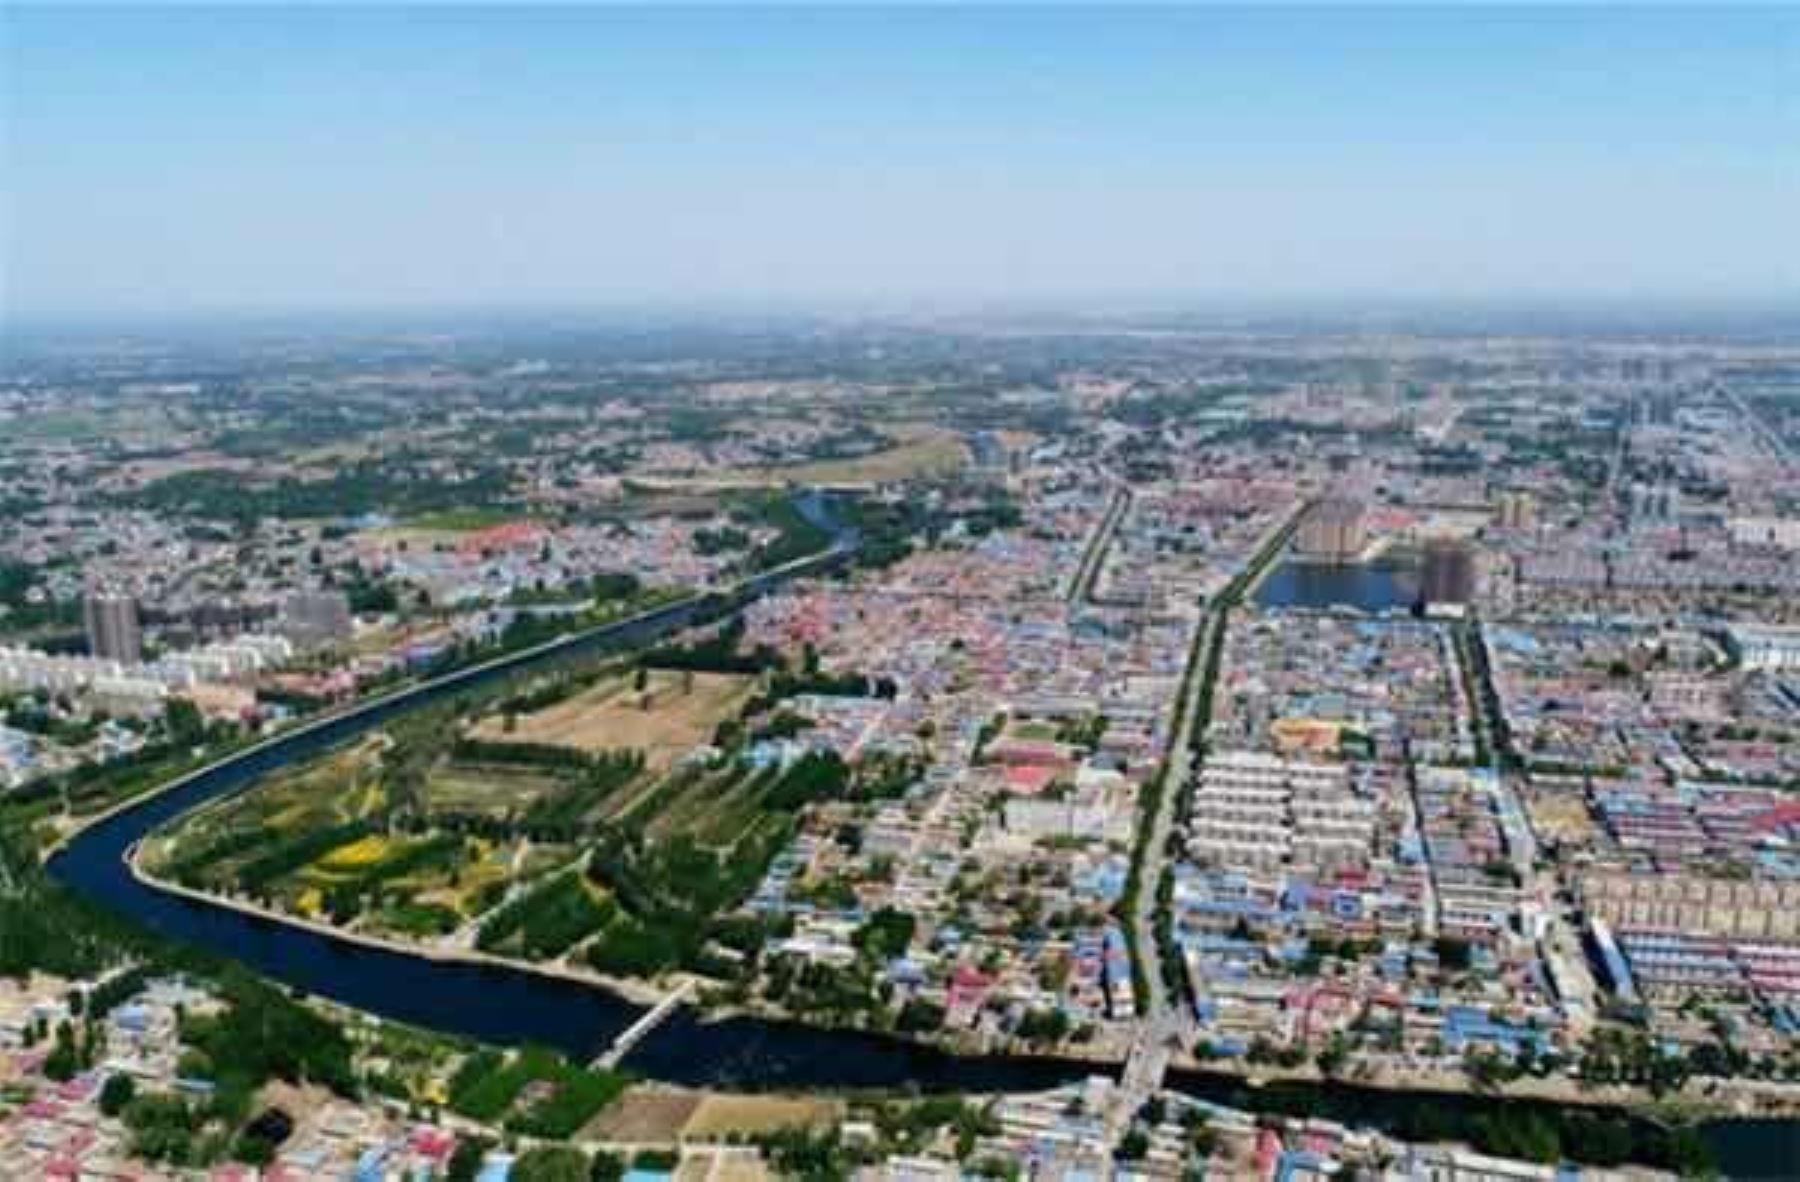 Xiongan, la nueva ciudad china Foto: Agencia Xinhua